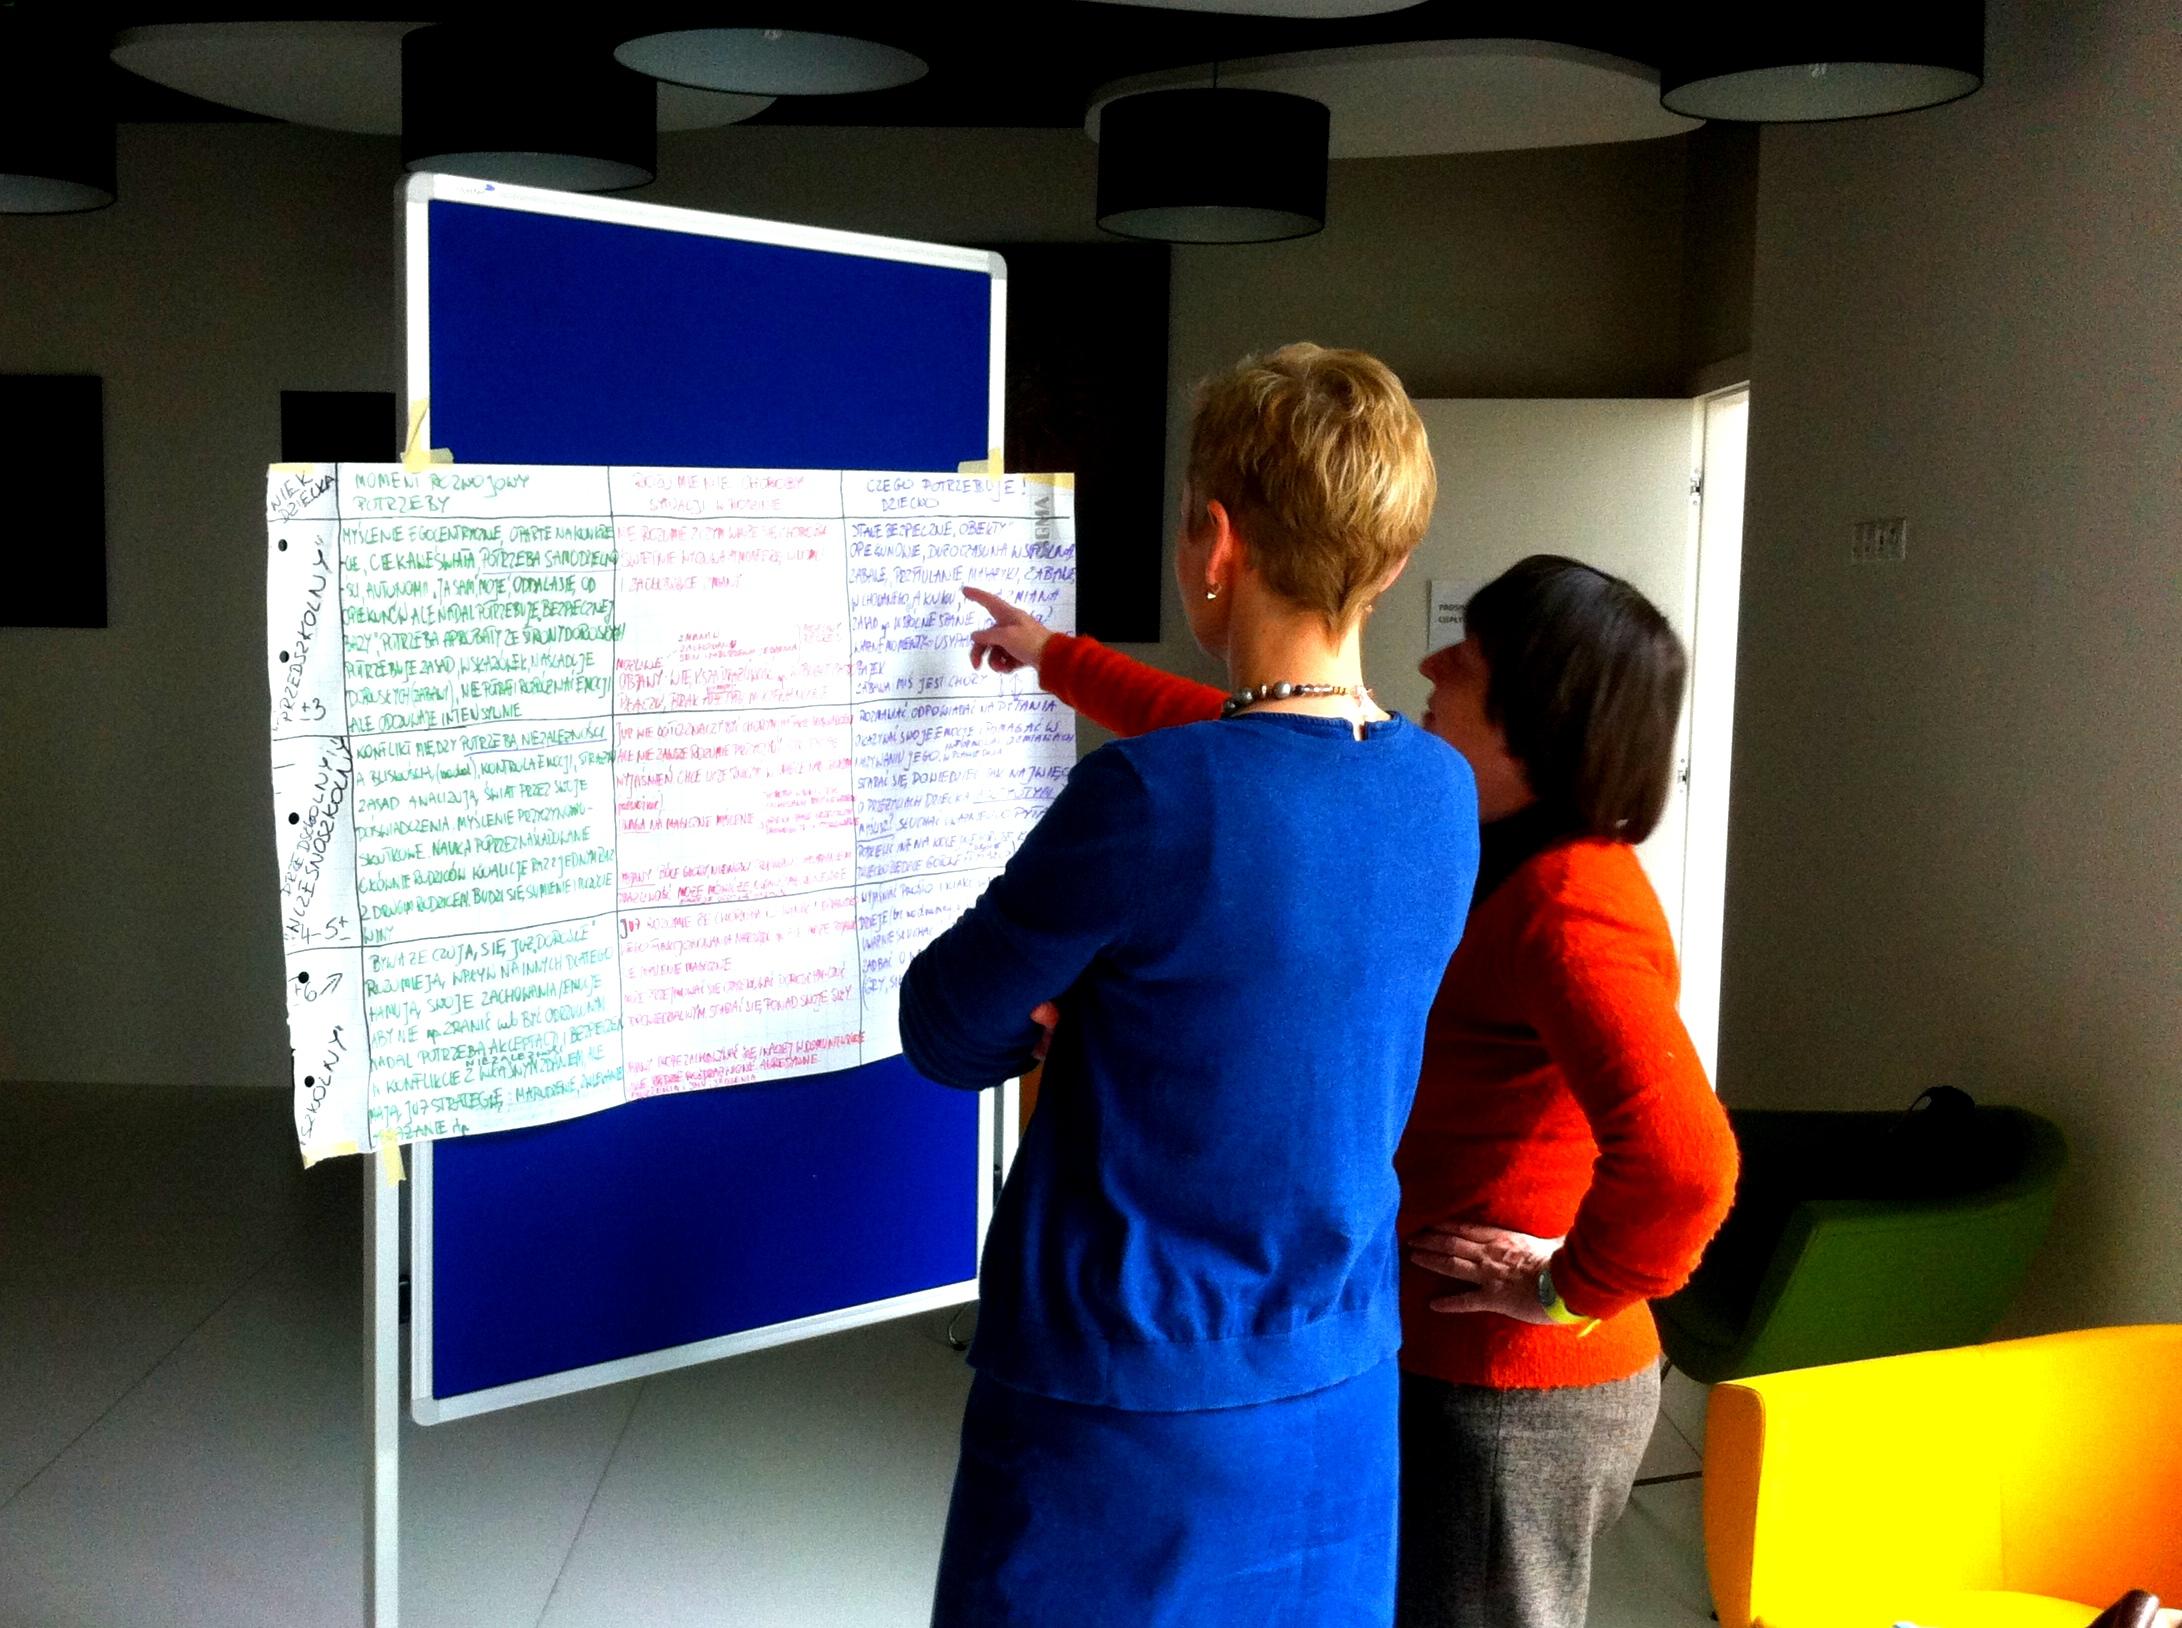 Zdjęcie przedstawia dwie osoby na warsztatach, obie skupione na tablicy z wypisanymi informacjami..